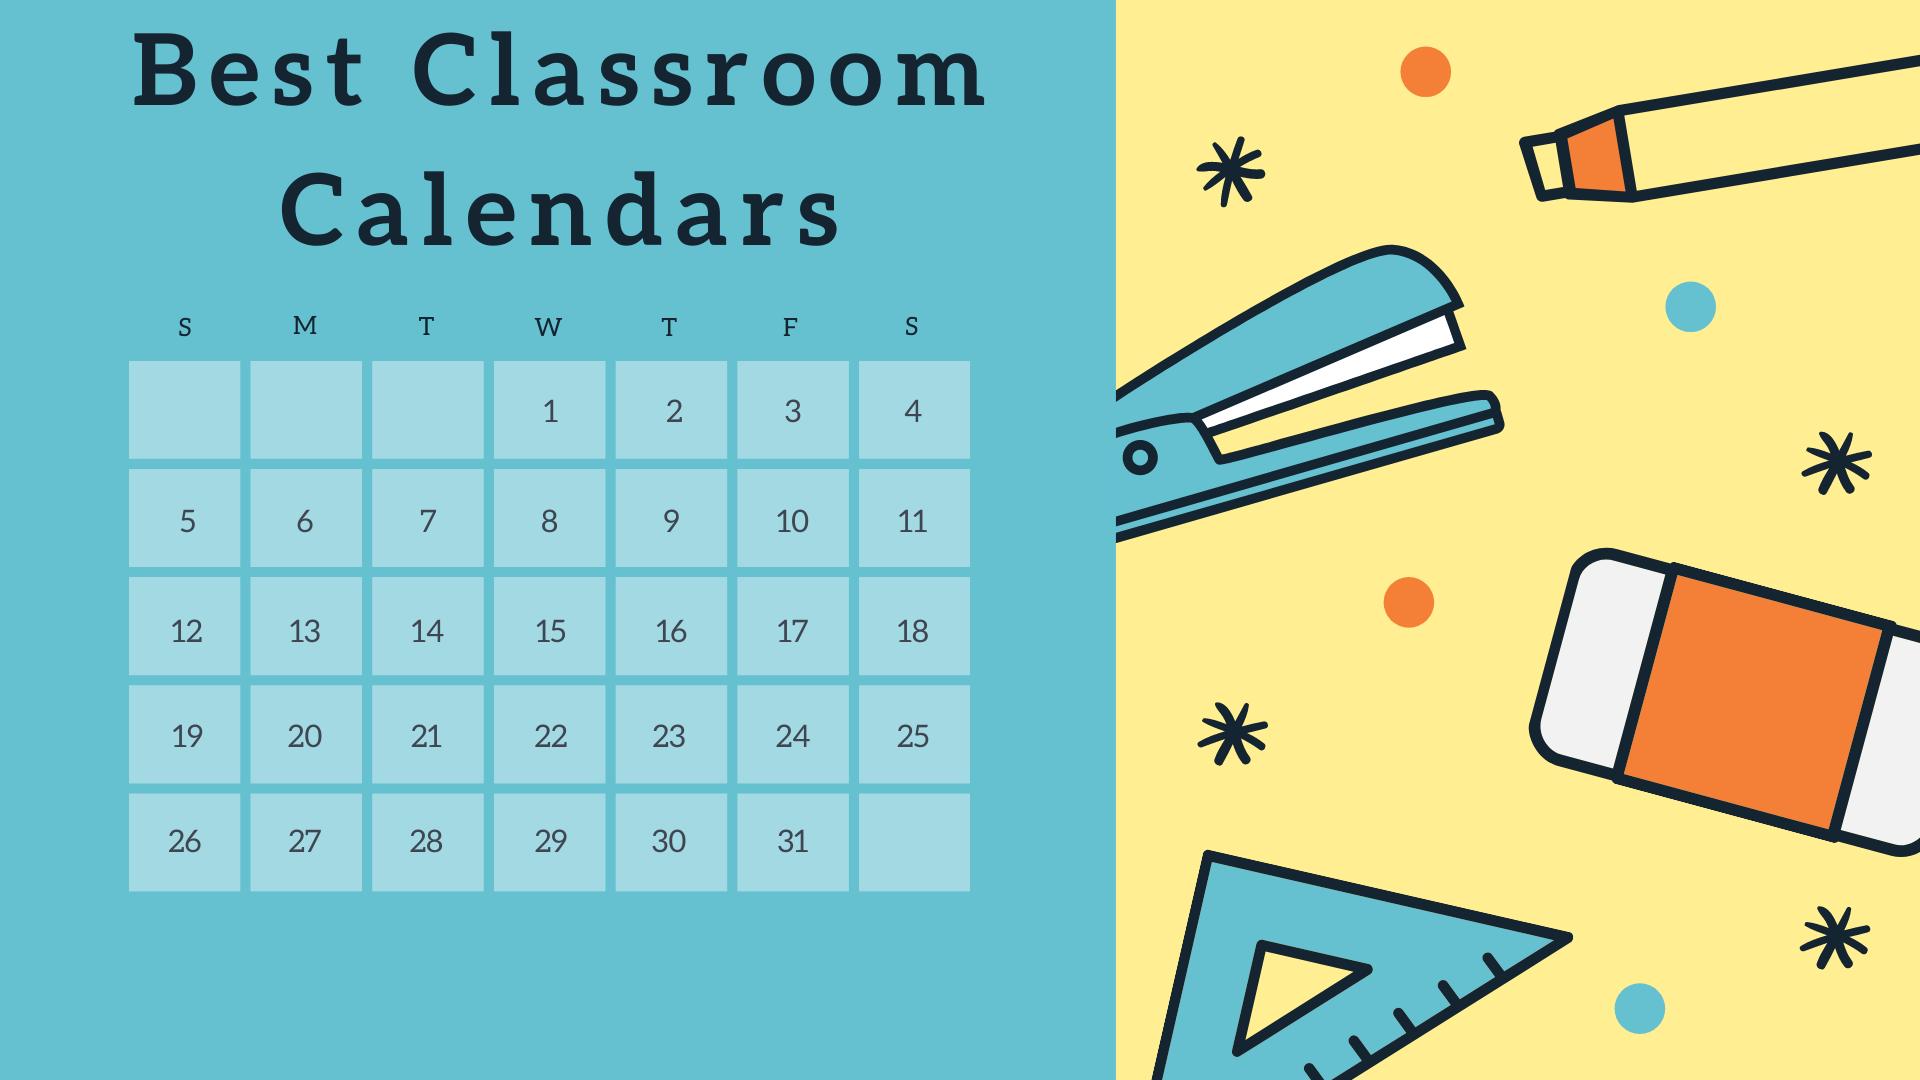 Best Classroom Calendars